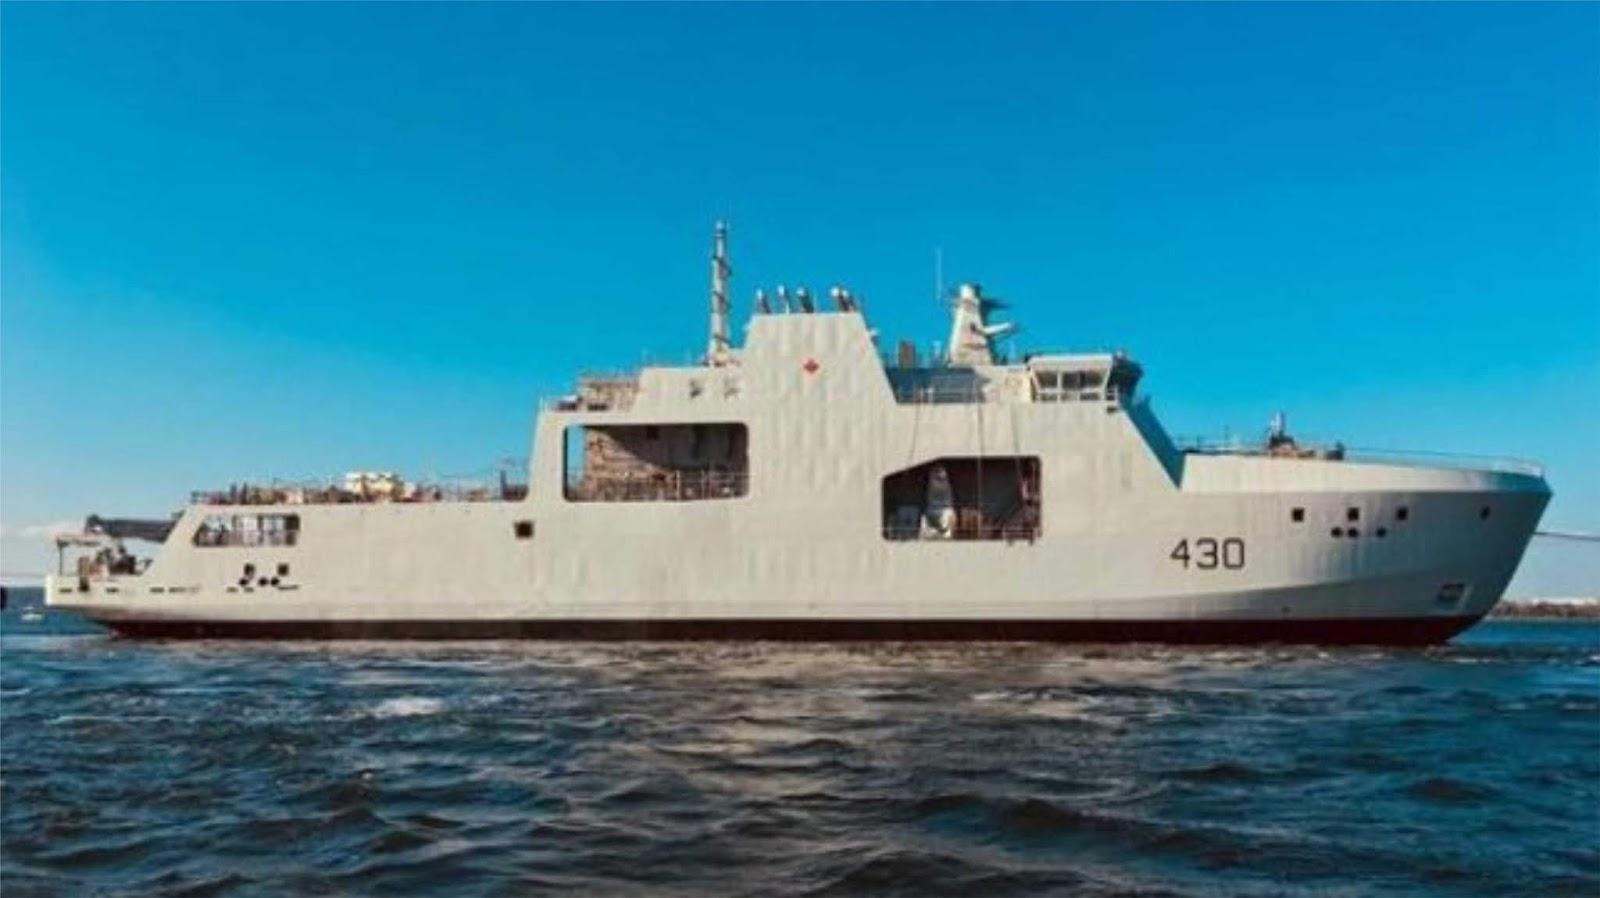 Fregat Angkatan Laut Kanada akan dilengkapi dengan kompleks pengintaian terbaru